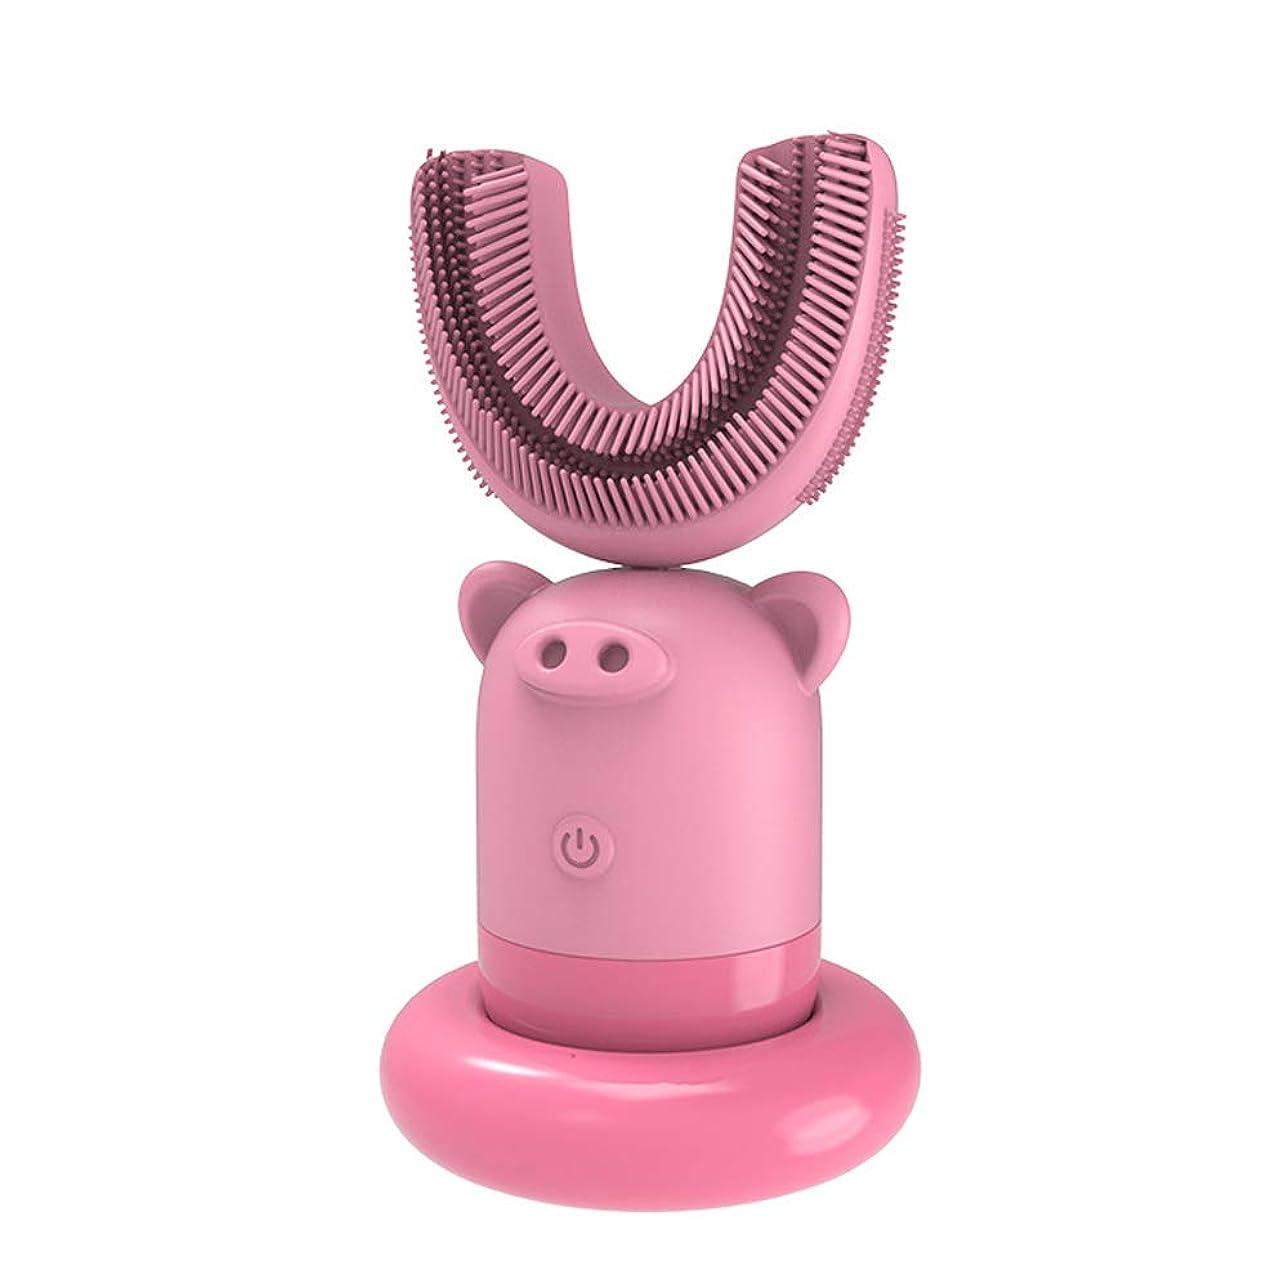 待つフィードオンスズメバチフルオート超音波電動歯ブラシクリーン防水U型電動歯ブラシ充電スマート怠惰な歯ブラシキッズ用3-7年,Pink